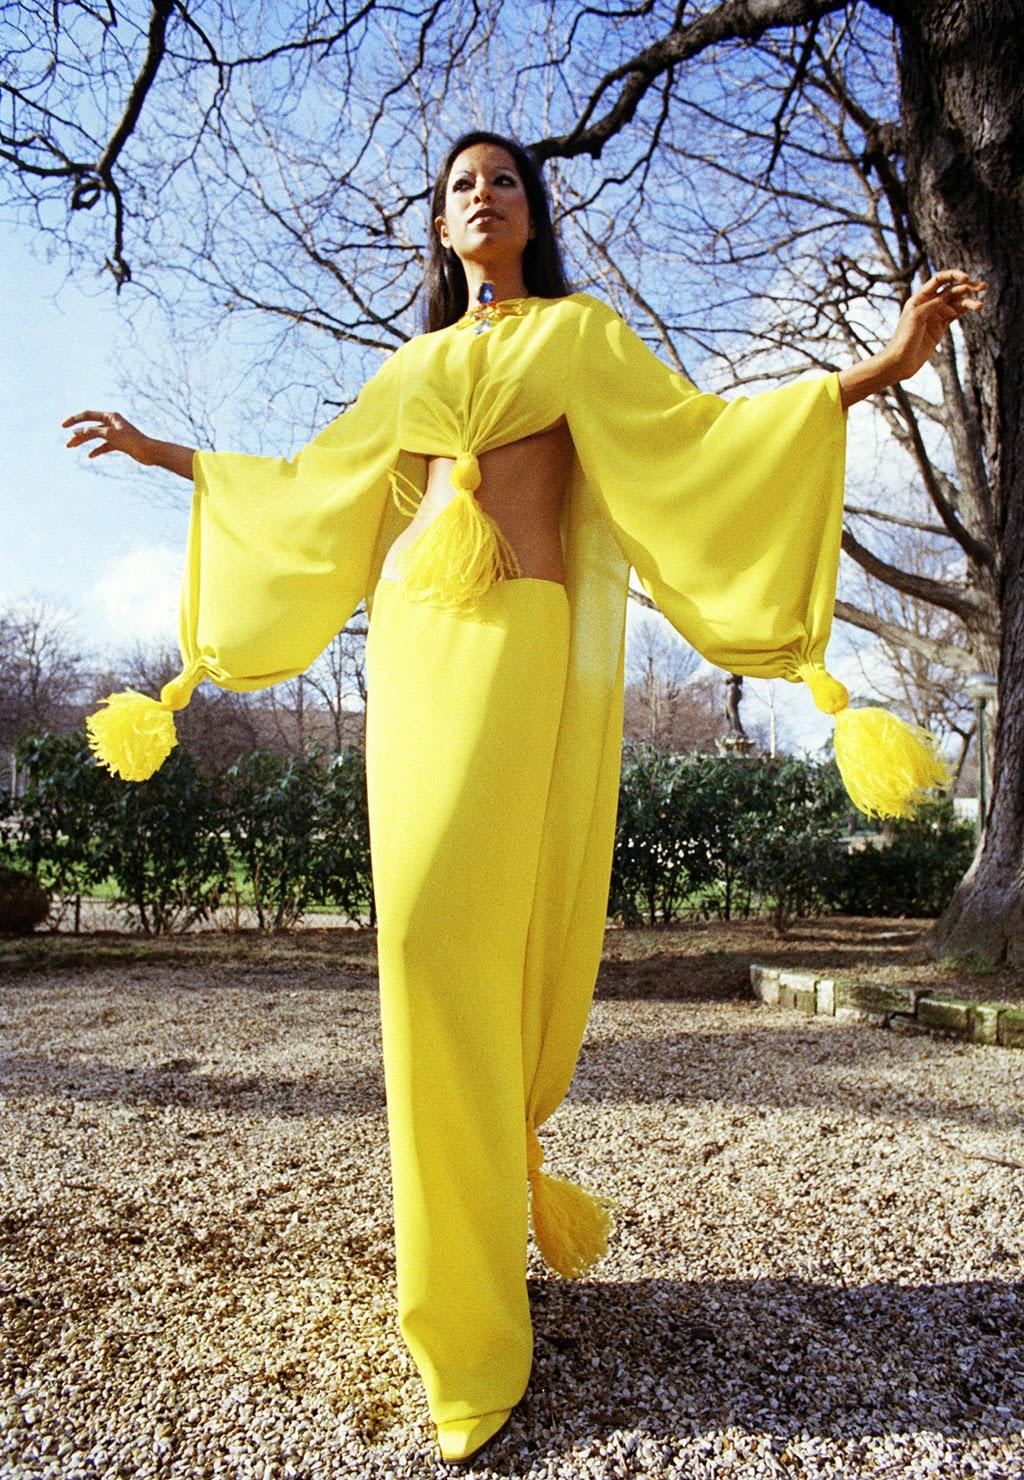 Мода 70-х. 20 фотографий, демонстрирующих красоту и стиль 5